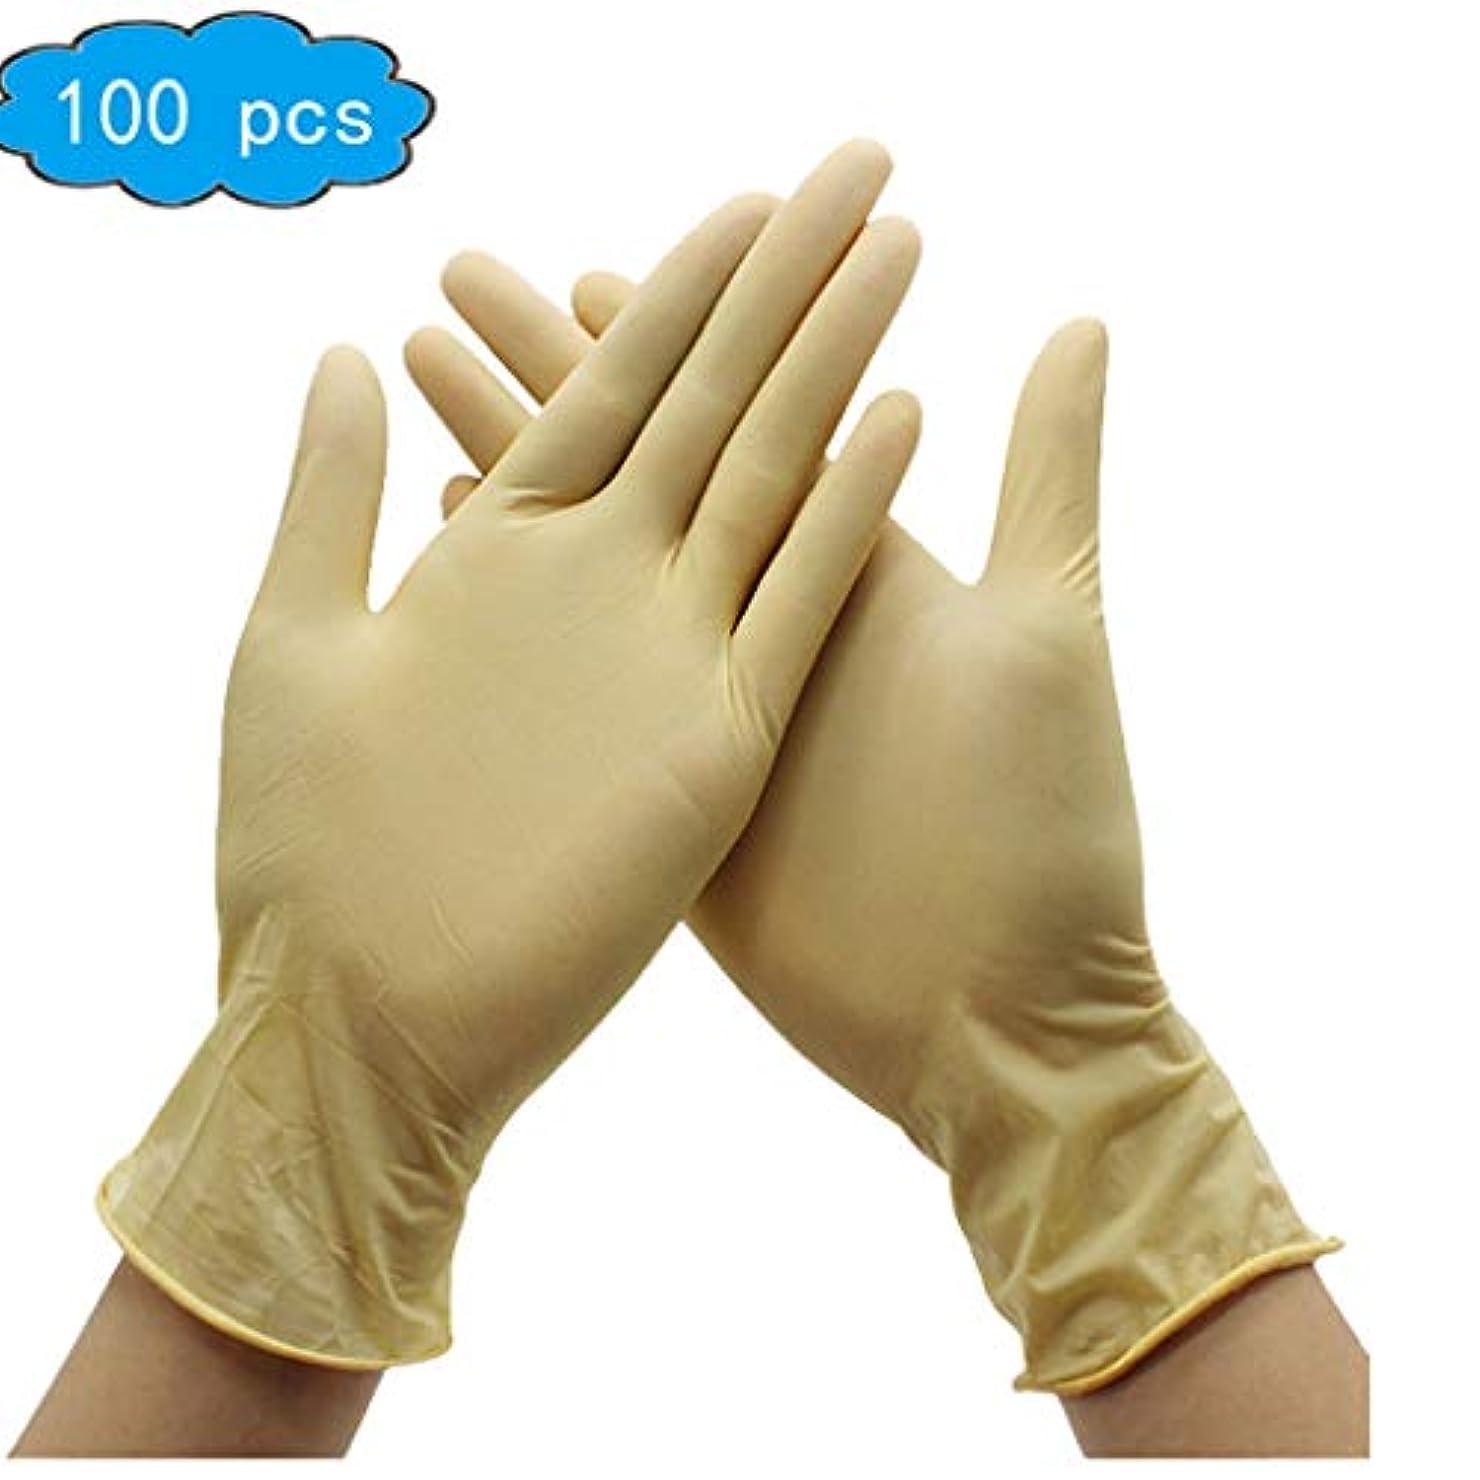 グリル期限切れ拡声器使い捨てラテックス手袋、液、血液、試験、ヘルスケア、ノーパウダー、100箱 (Color : Beige, Size : L)